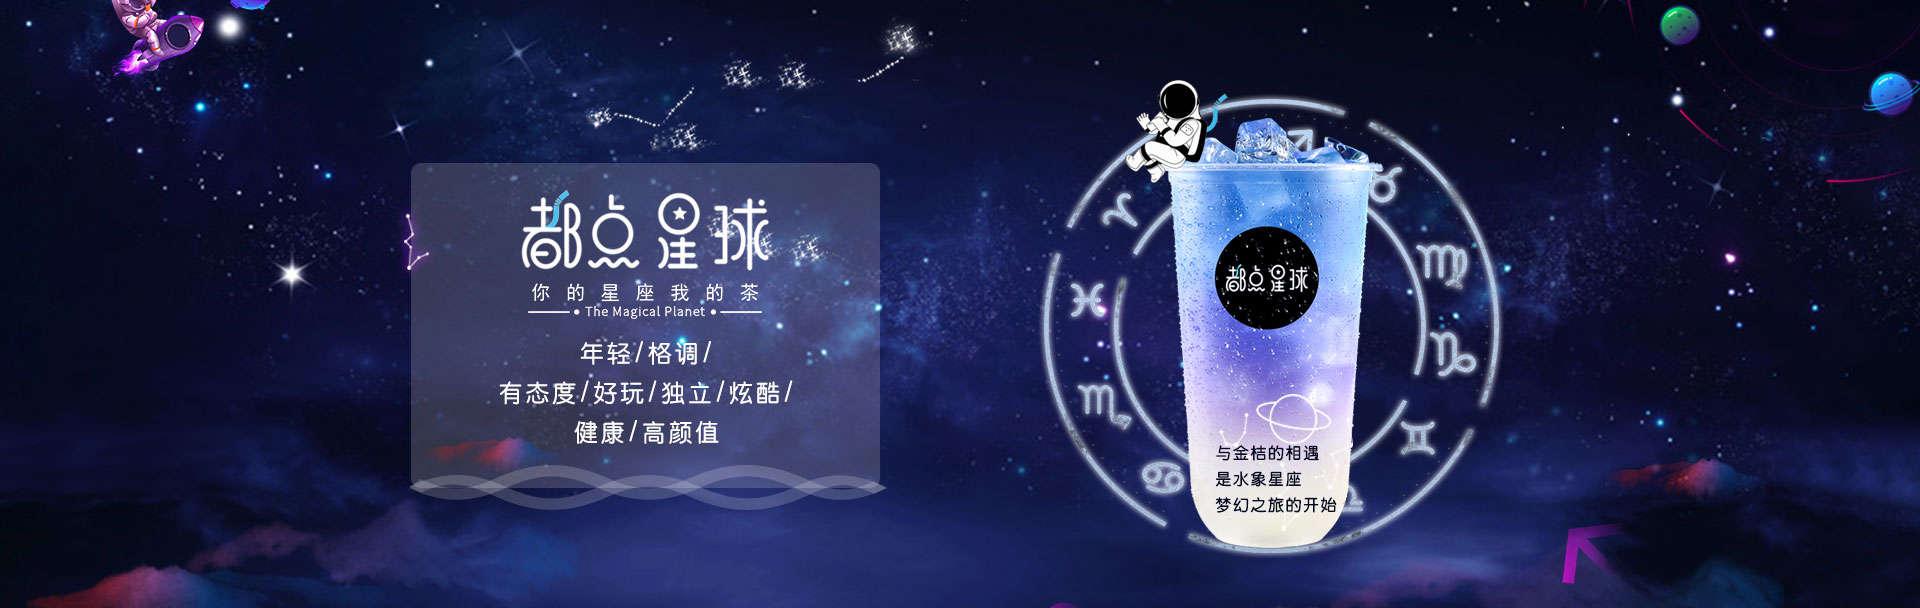 都点星球星空茶创业项目_昌启餐饮奶茶加盟